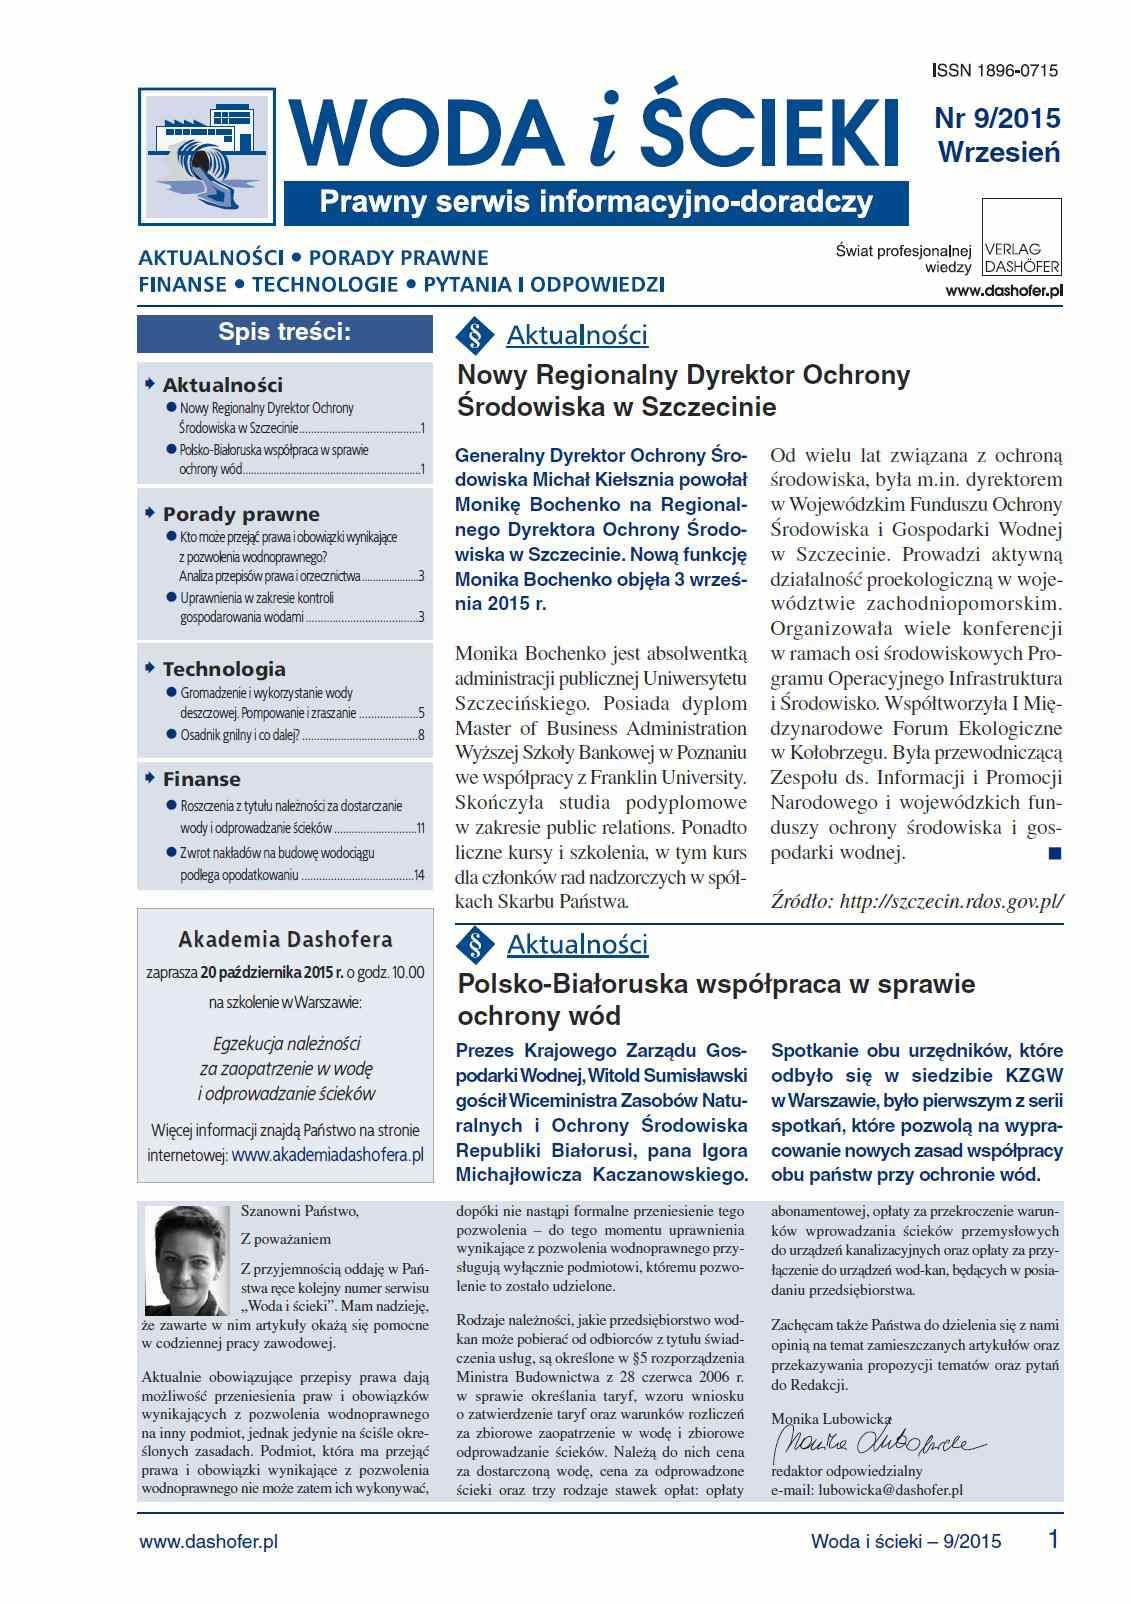 Woda i ścieki. Prawny serwis informacyjno-doradczy. Nr 9/2015 - Ebook (Książka PDF) do pobrania w formacie PDF